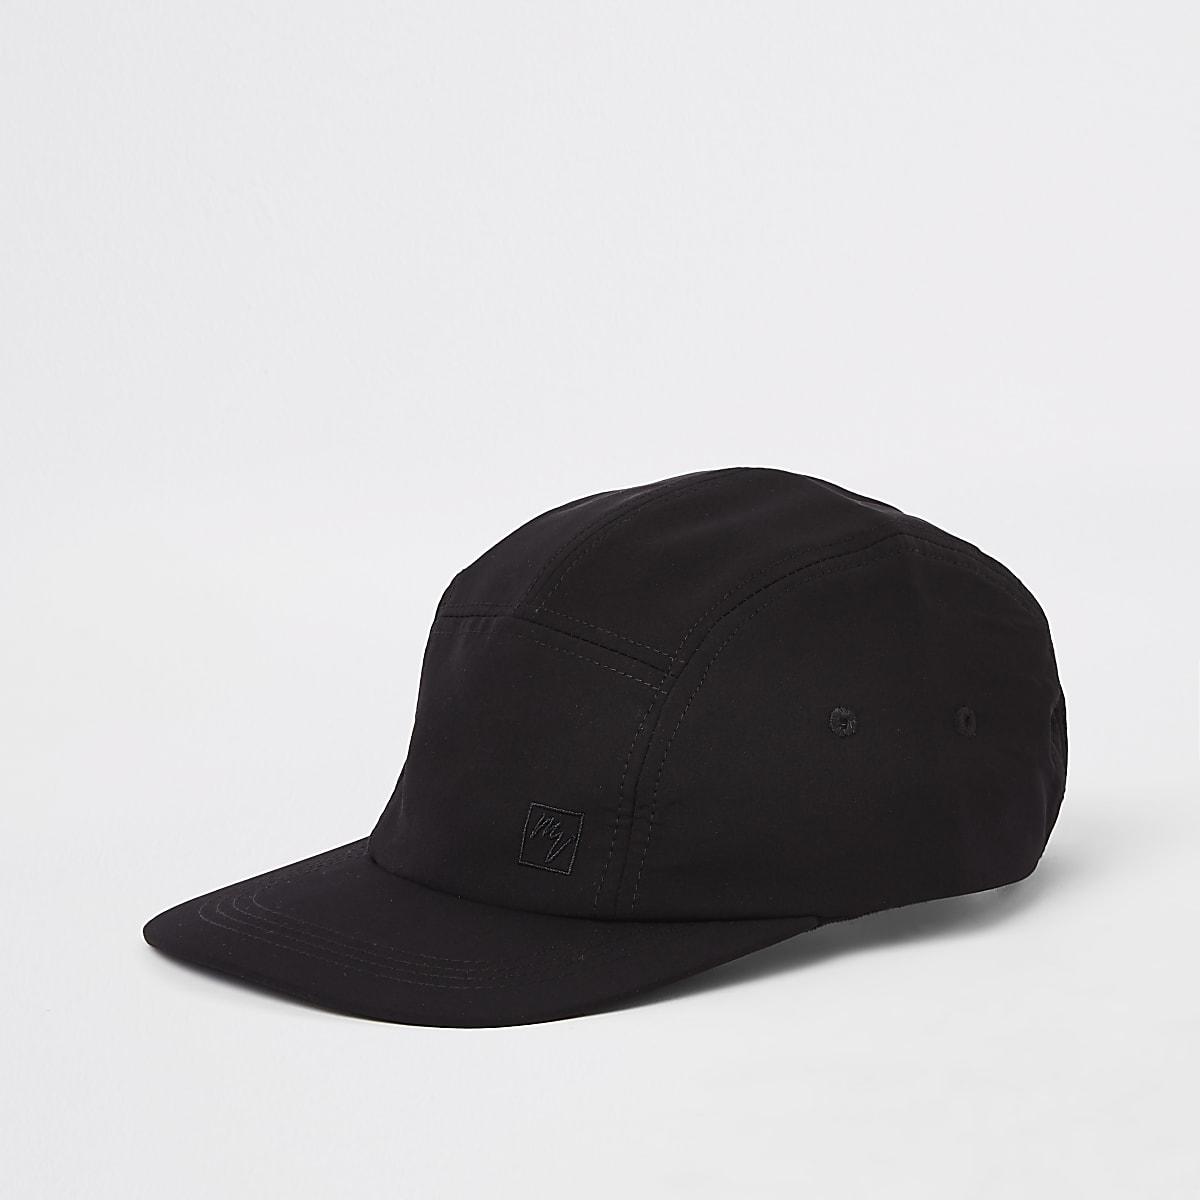 Black 'Maison Riviera' five panel cap